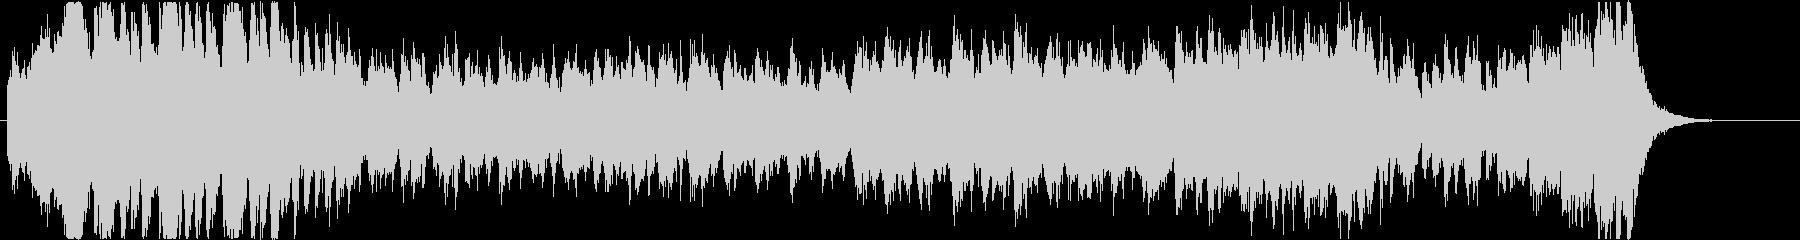 優雅な雰囲気のオーケストラワルツの未再生の波形